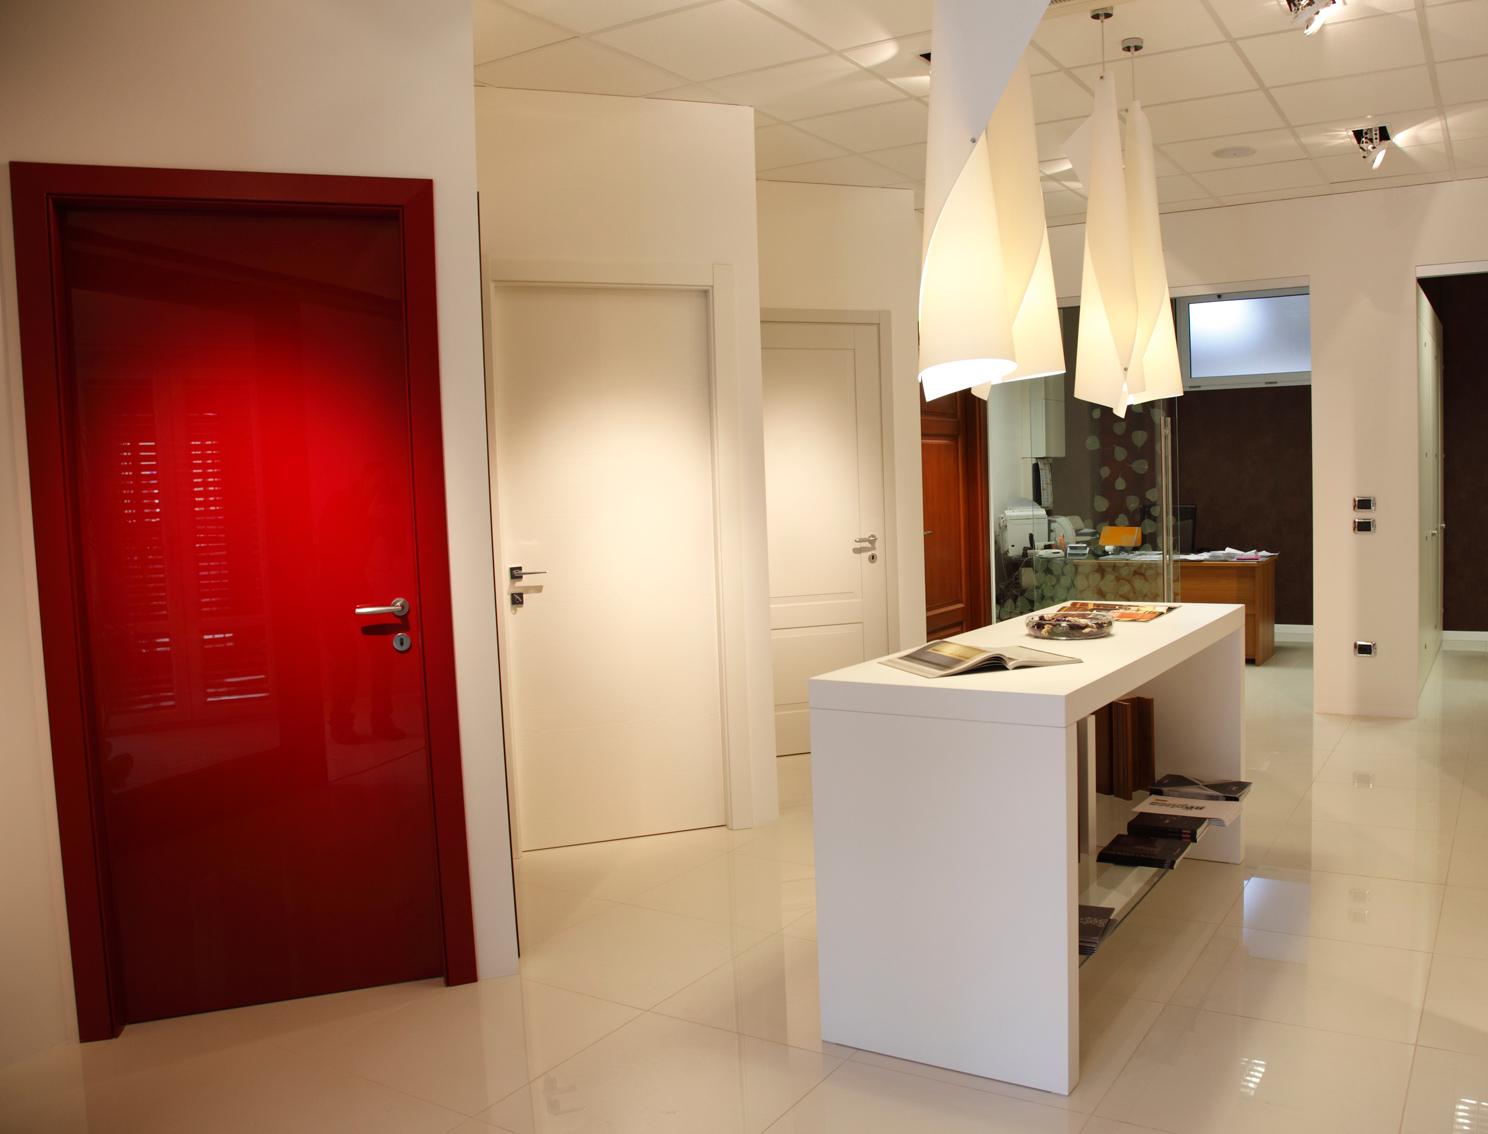 Errebiplast porte e finestre made in italy ristrutturazione showroom - Finestre e porte ...